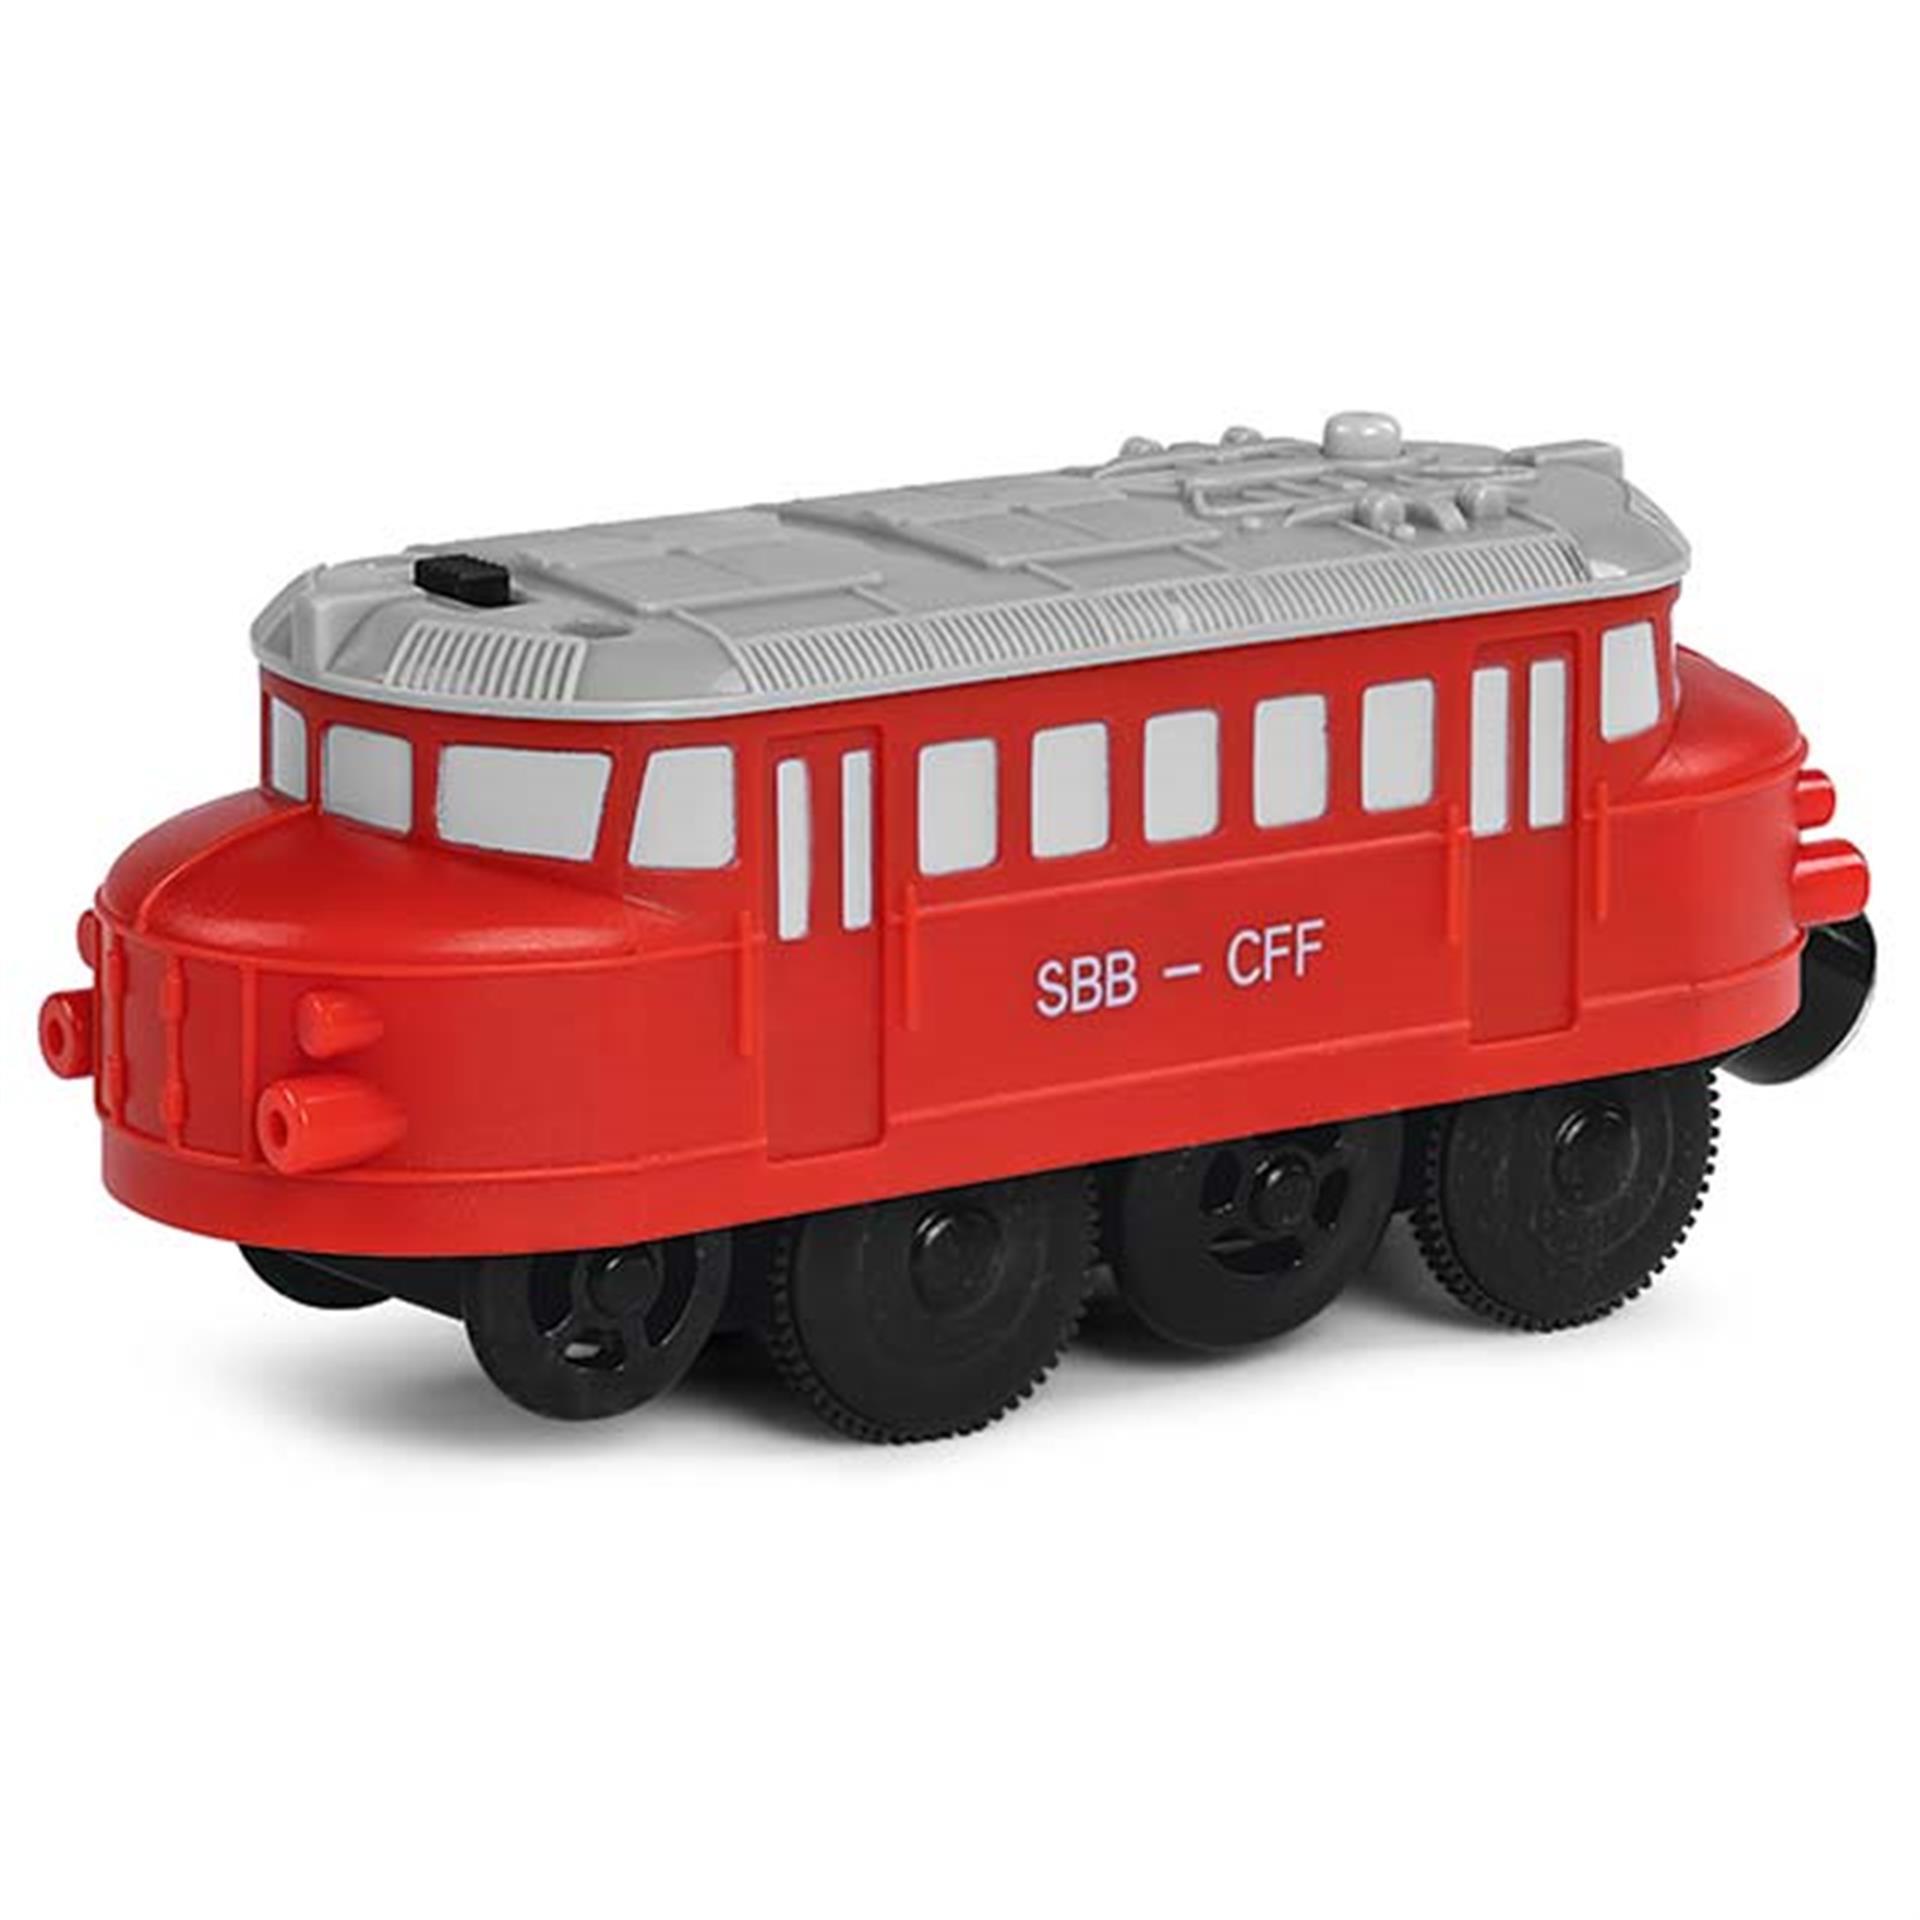 BEA.swiss - Roter Pfeil für Holzeisenbahn